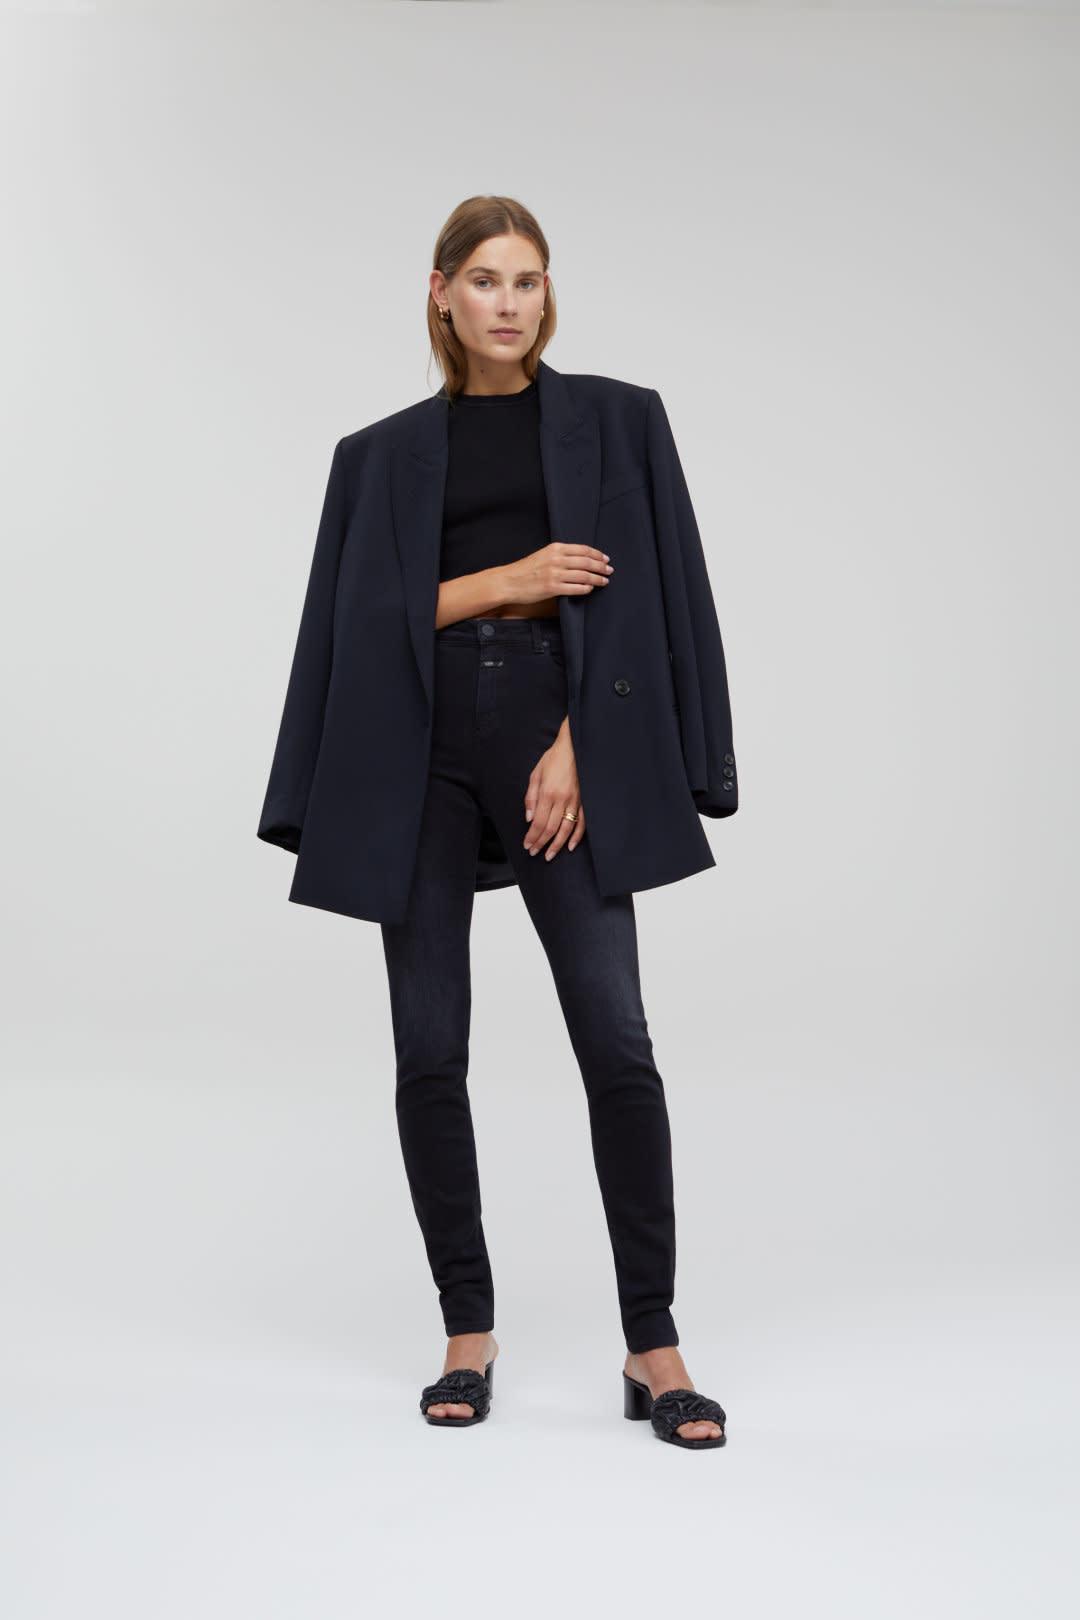 Lizzy Stretch Jeans - Black-2